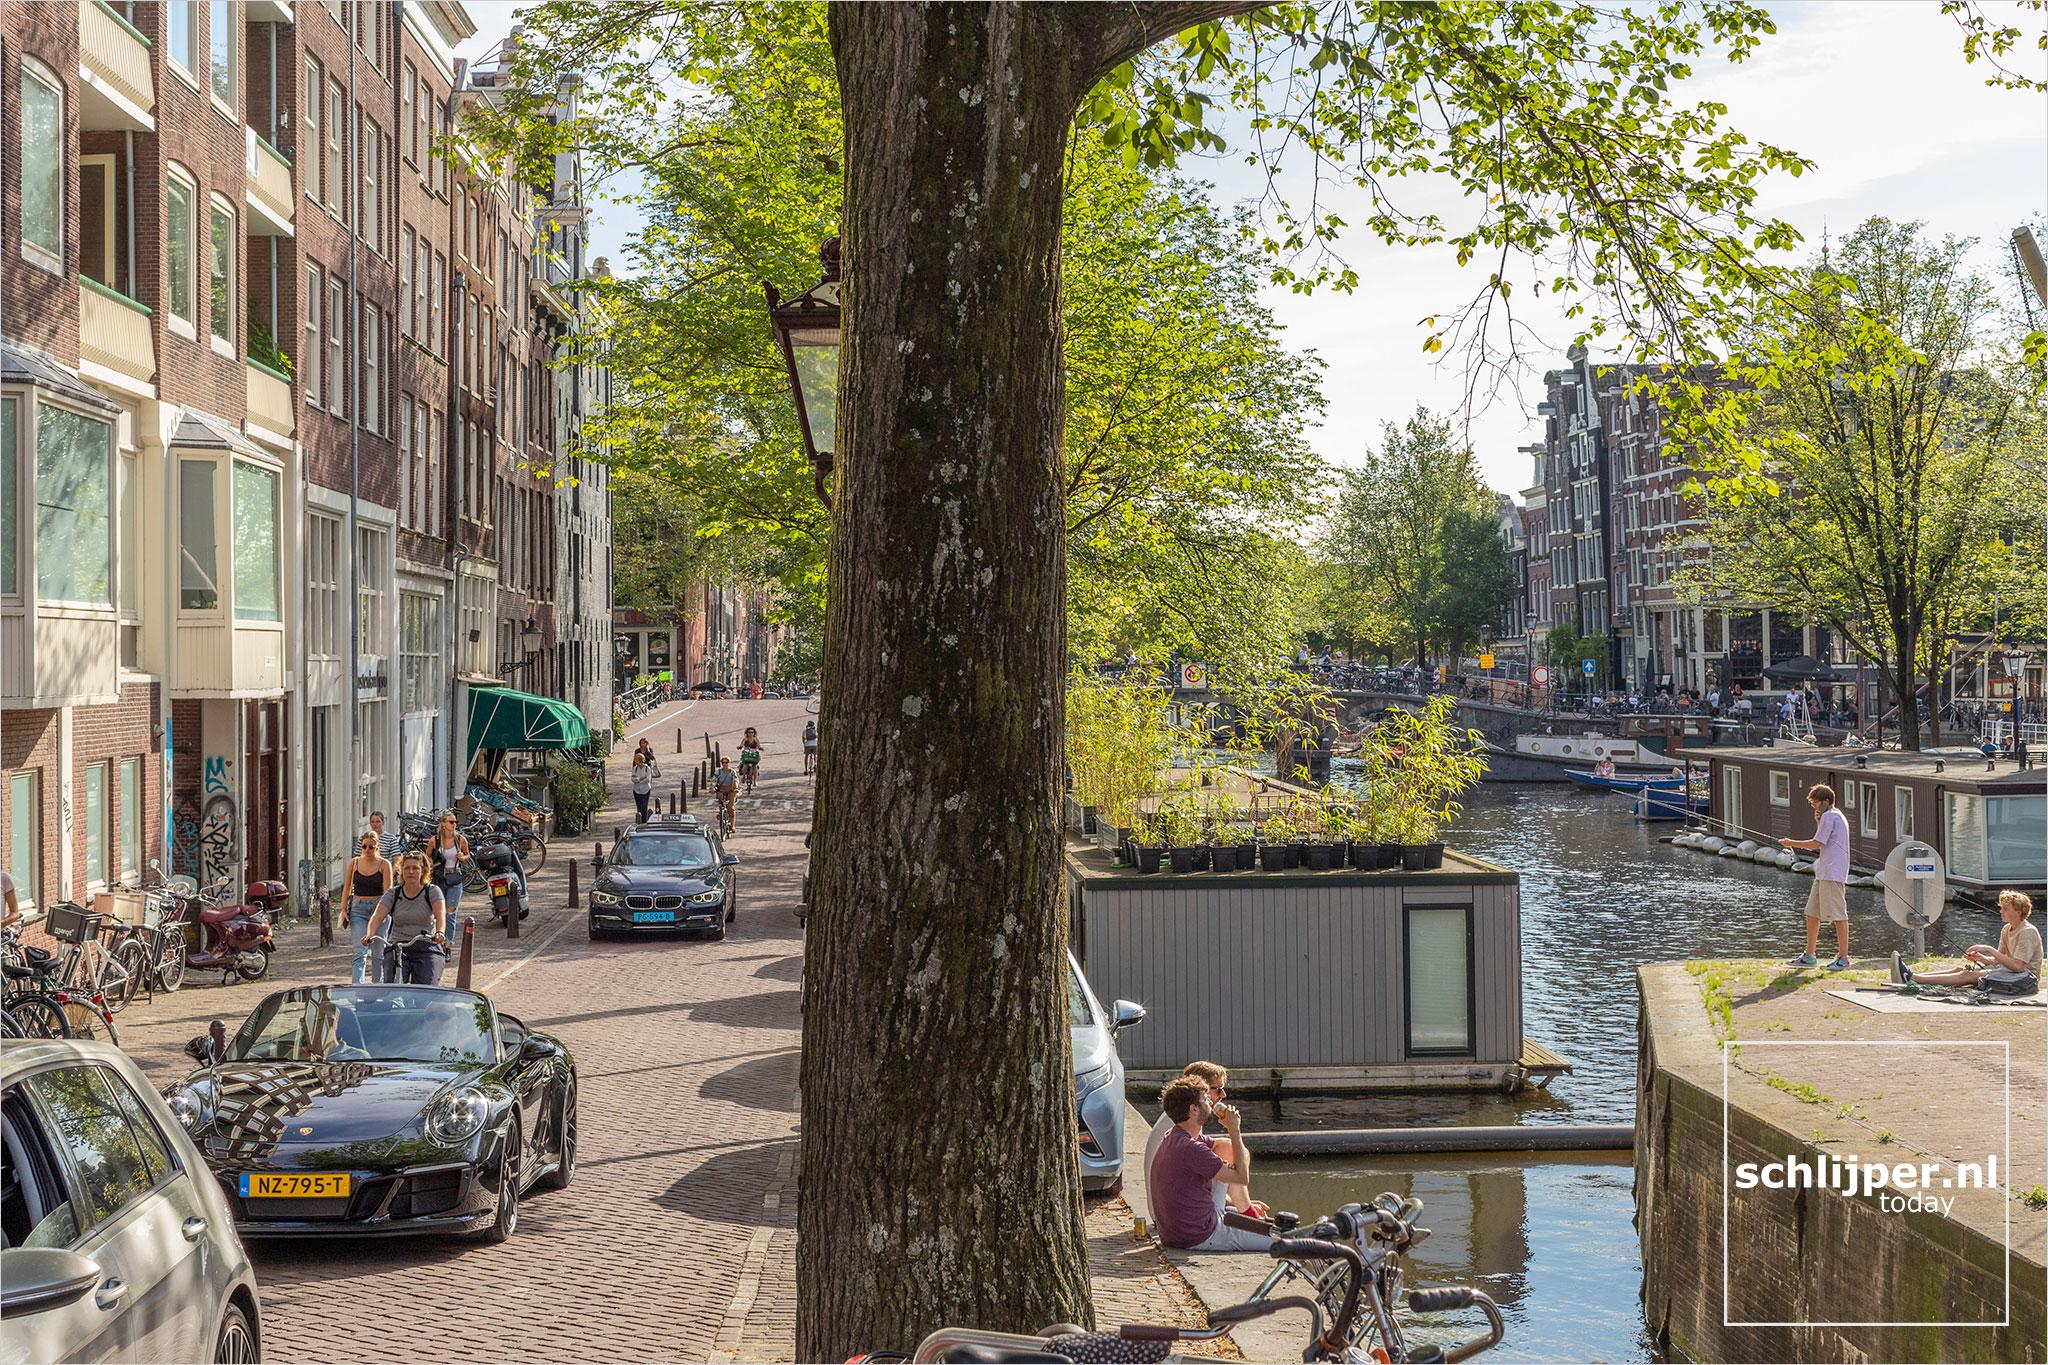 The Netherlands, Amsterdam, 9 september 2021